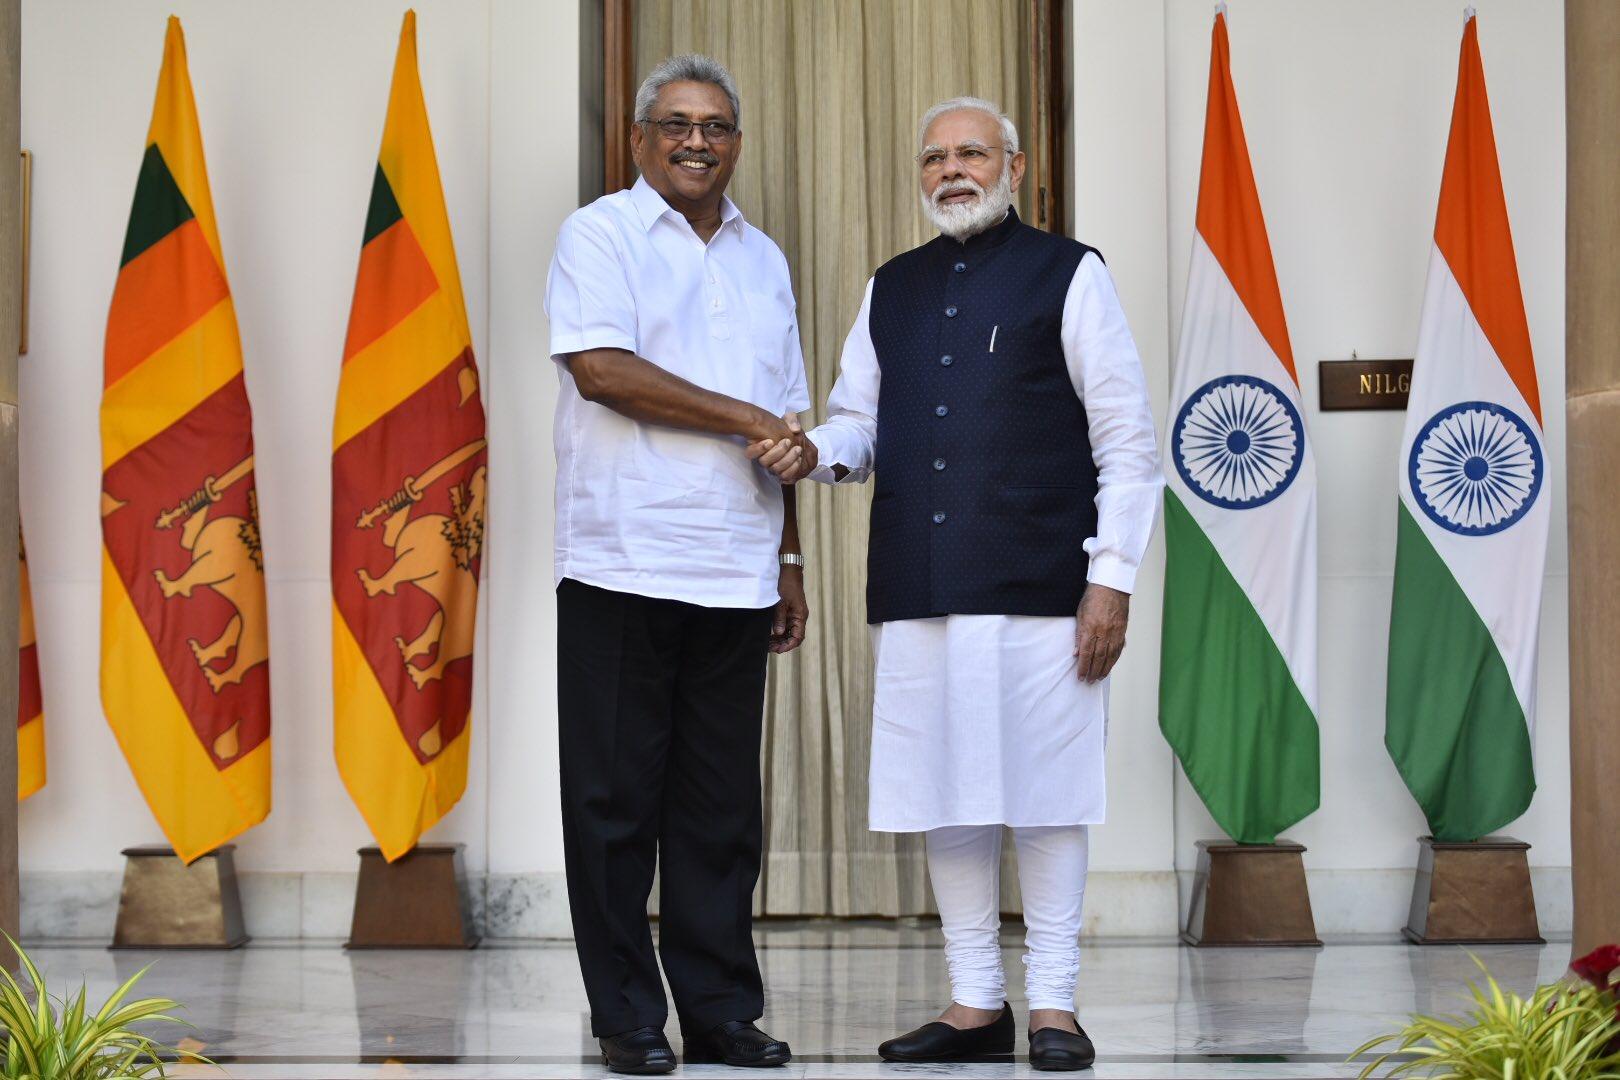 भारत-श्रीलंका बहुमुखी साझेदारी एवं सहयोग बढ़ाएंगे